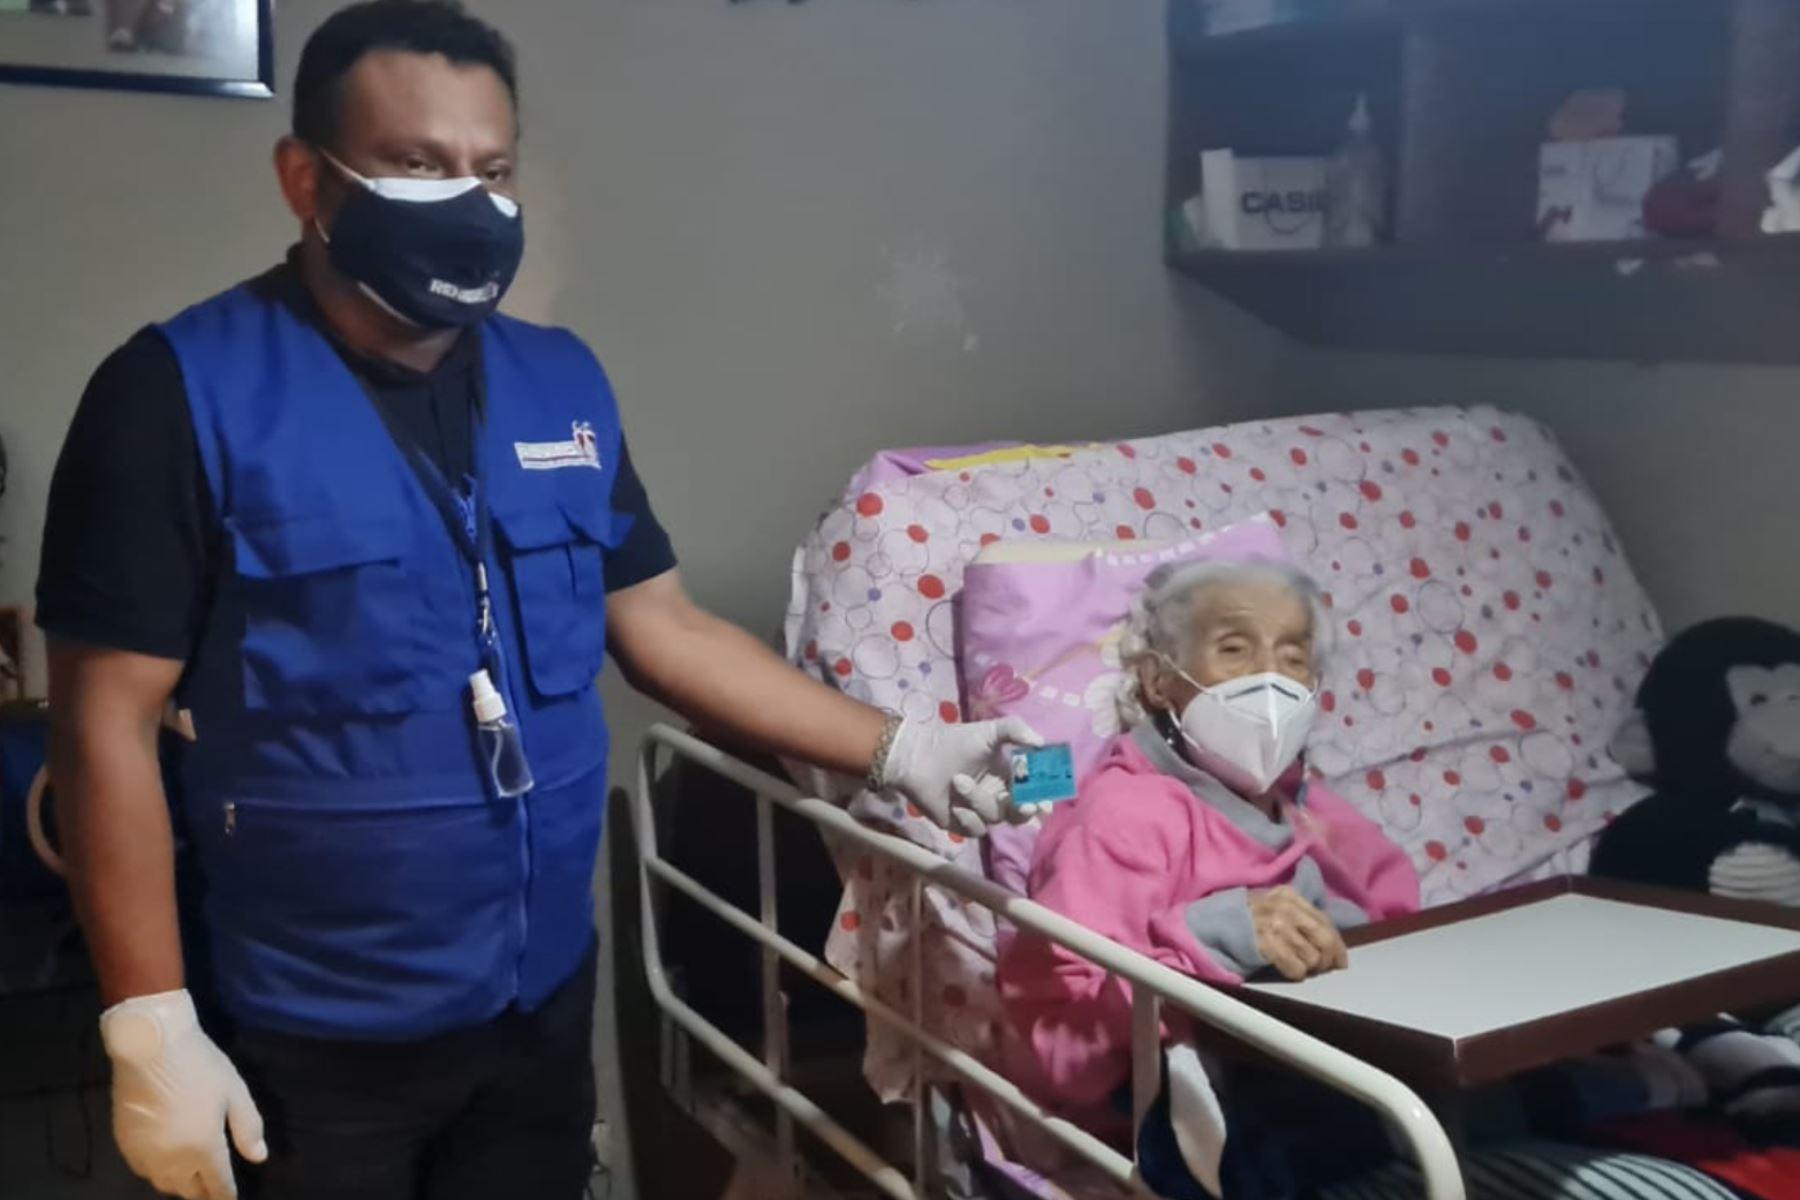 La señora Olinda Espinoza de Vera, de 101 años, recibió el duplicado de su DNI en su domicilio. Foto: ANDINA/Difusión